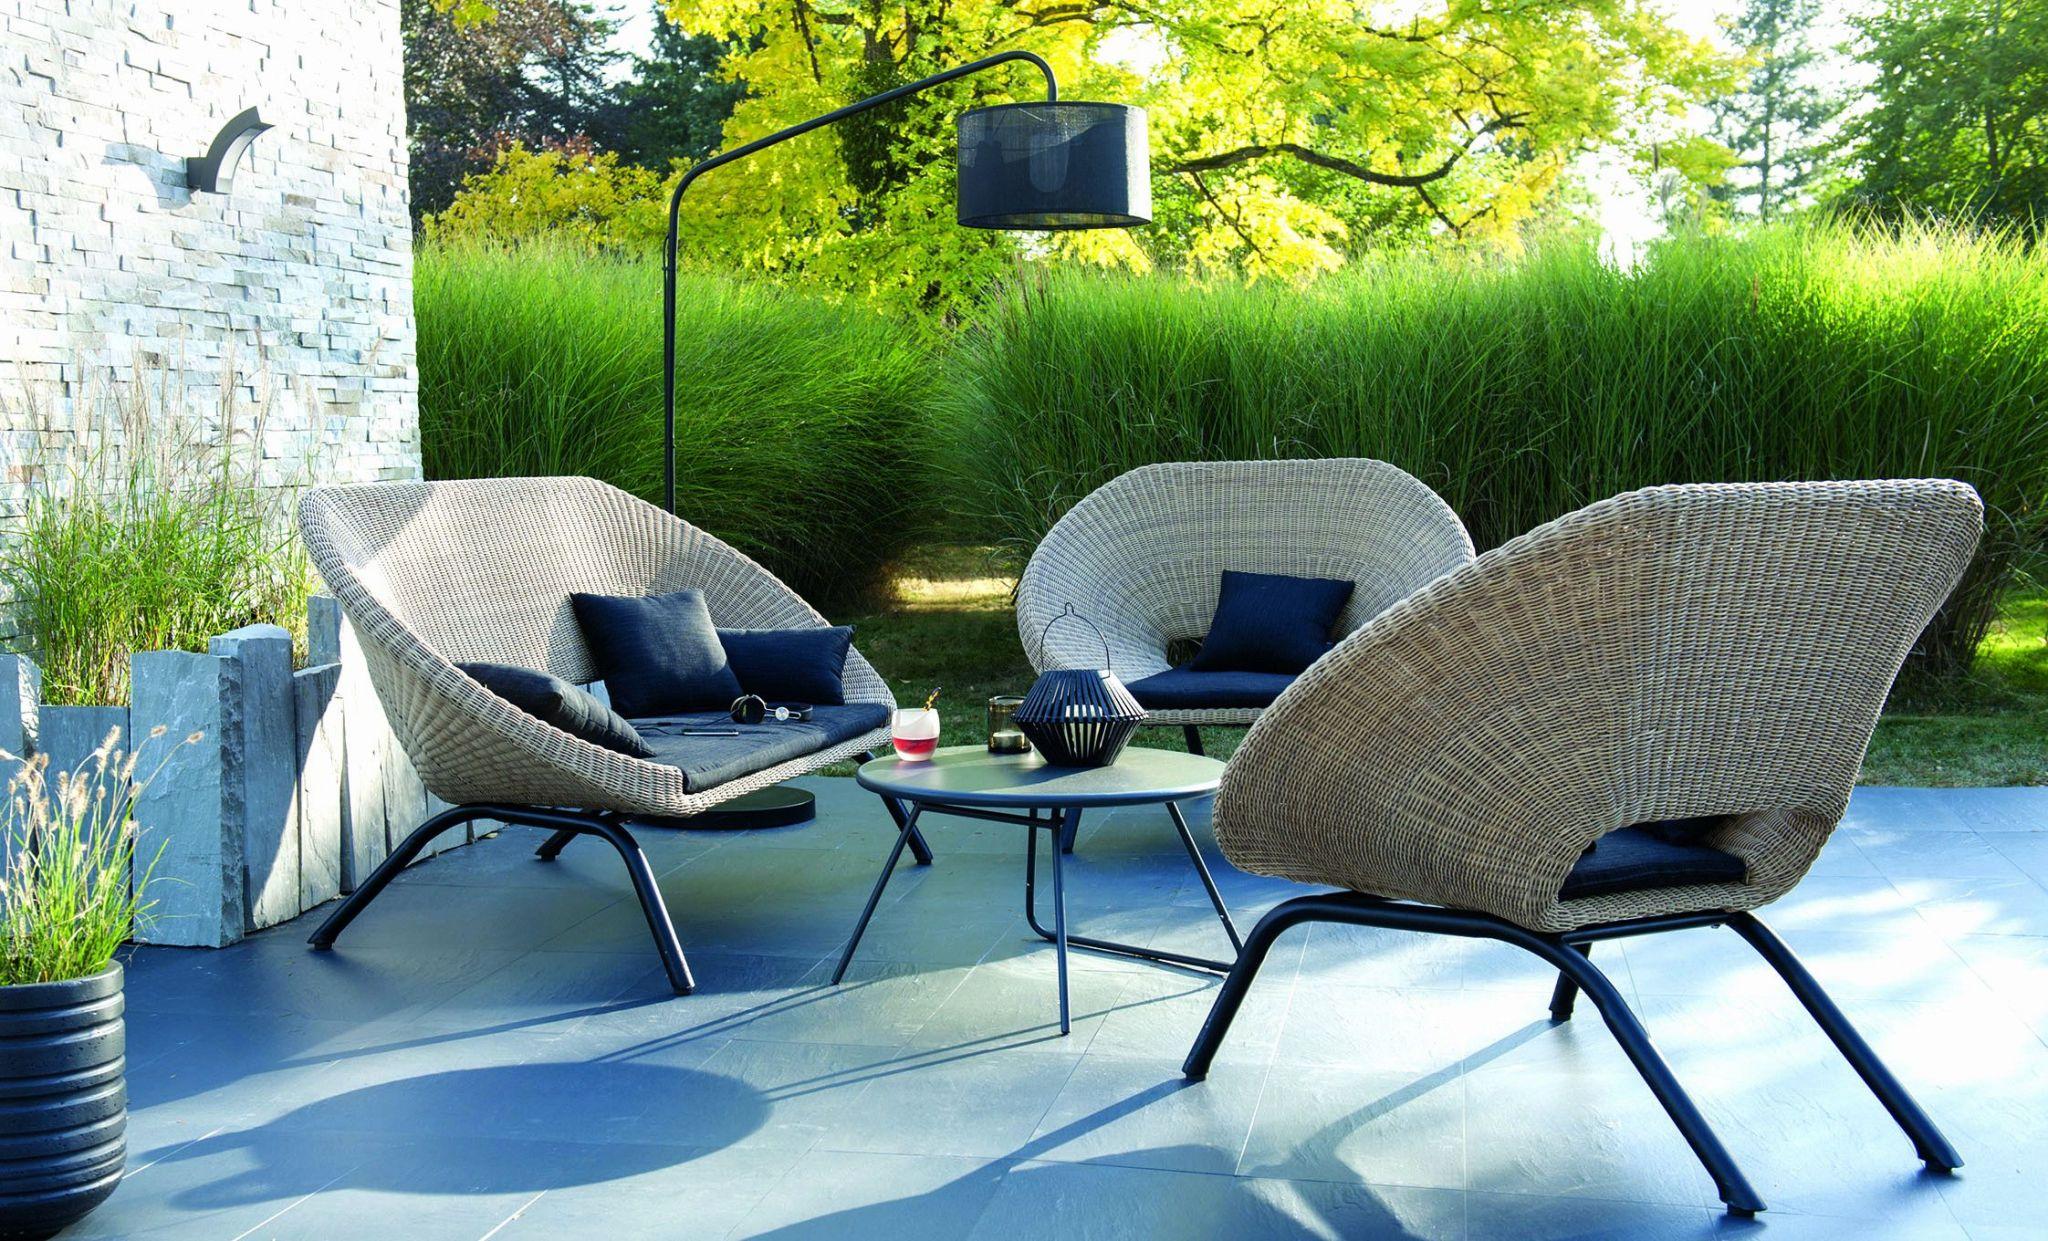 chaise salon de jardin leclerc aussi catalogue salon de jardin leclerc beau graphie meuble de jardin de chaise salon de jardin leclerc